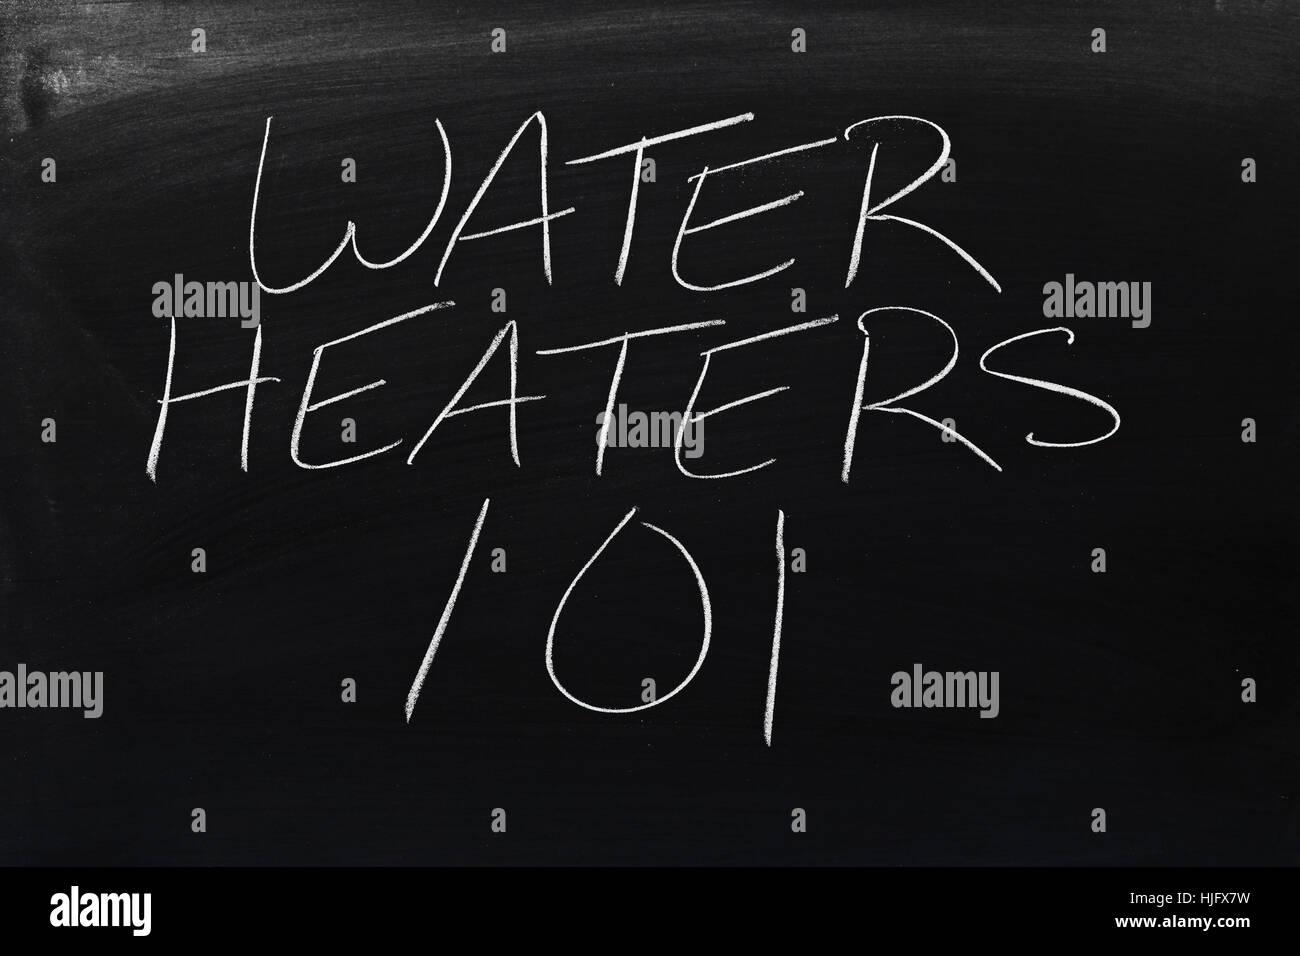 Les mots '101' chauffe-eau sur un tableau noir à la craie Photo Stock